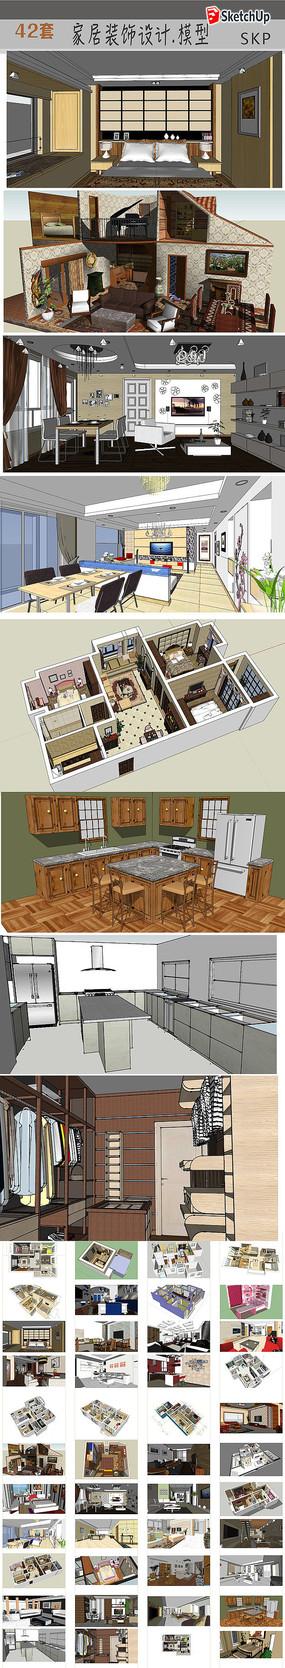 简约室内设计模型